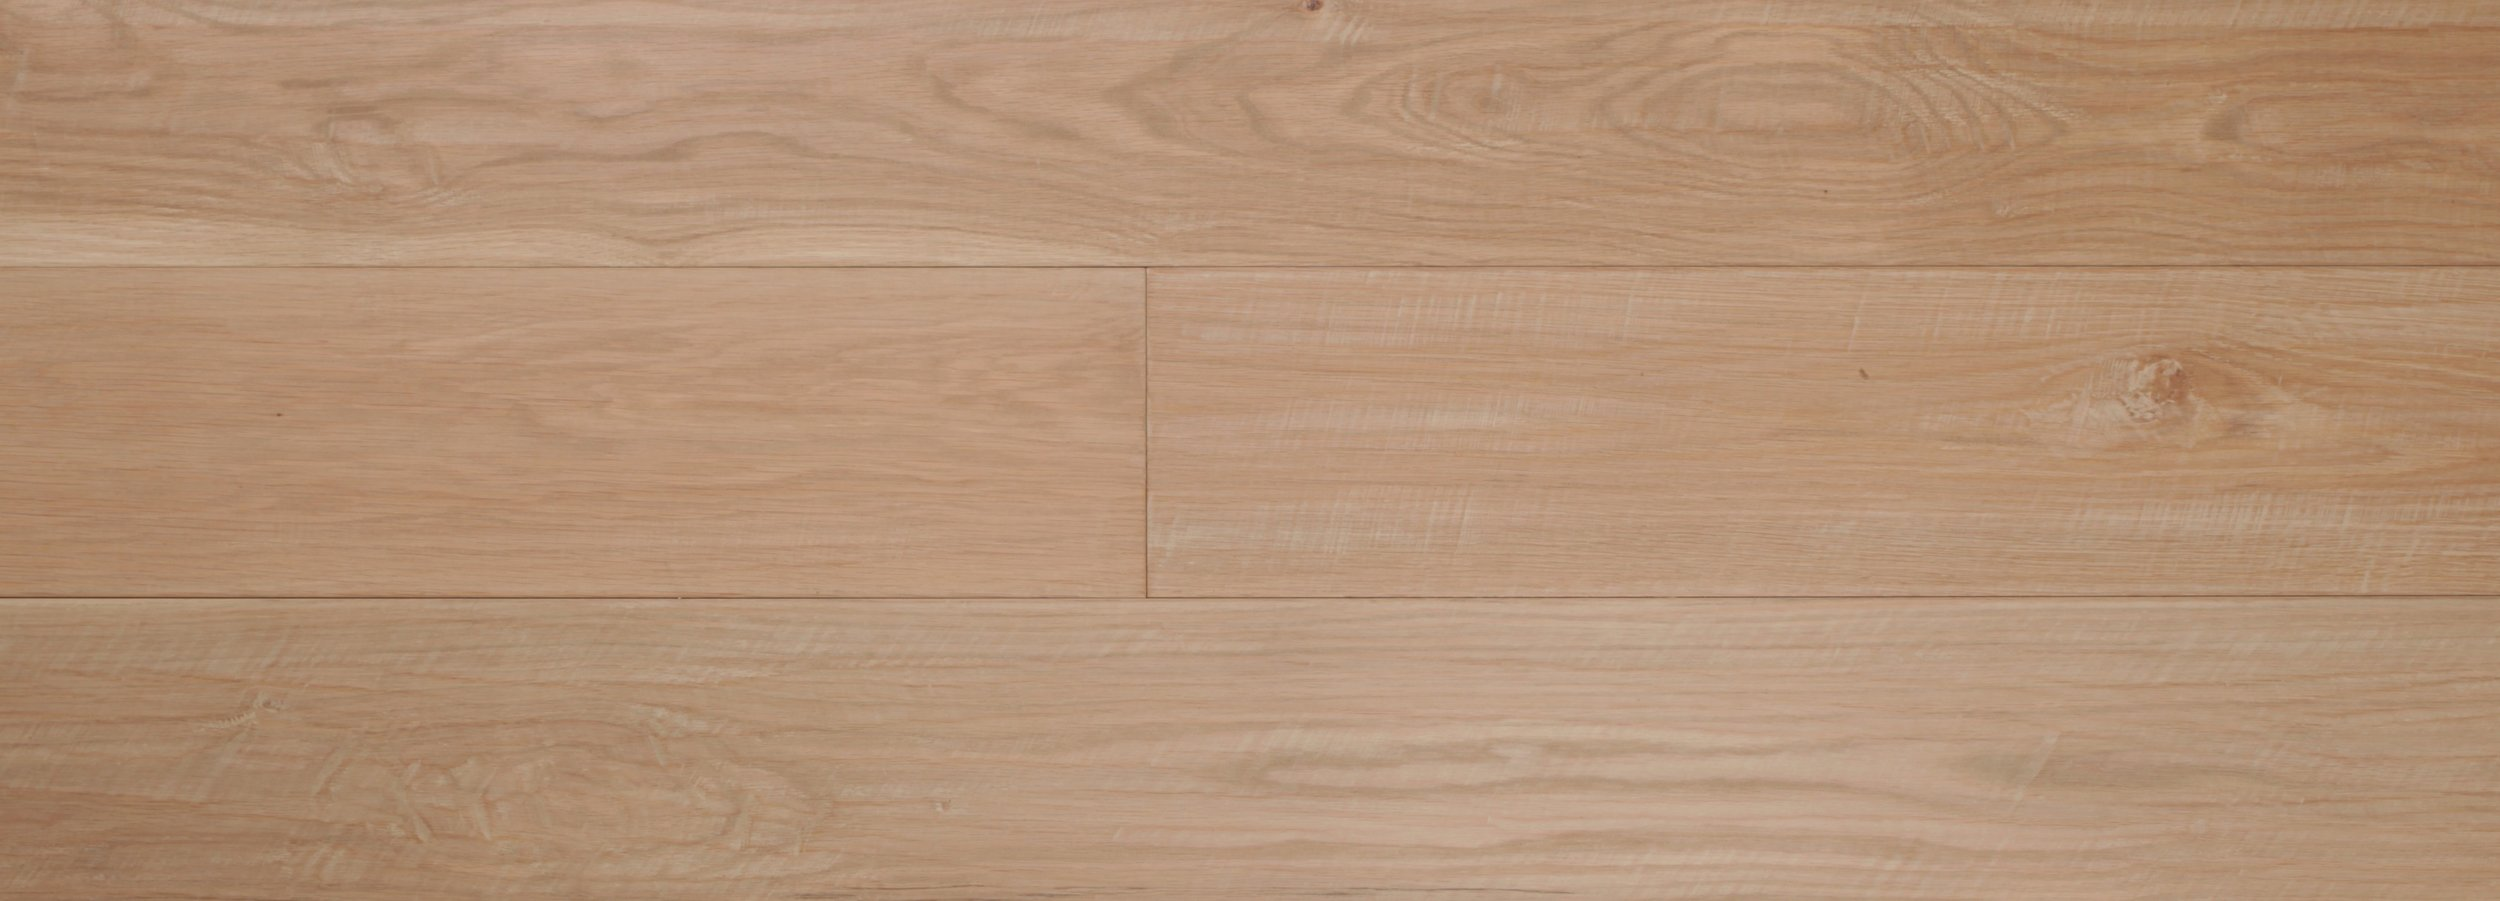 White Oak 6020.jpg